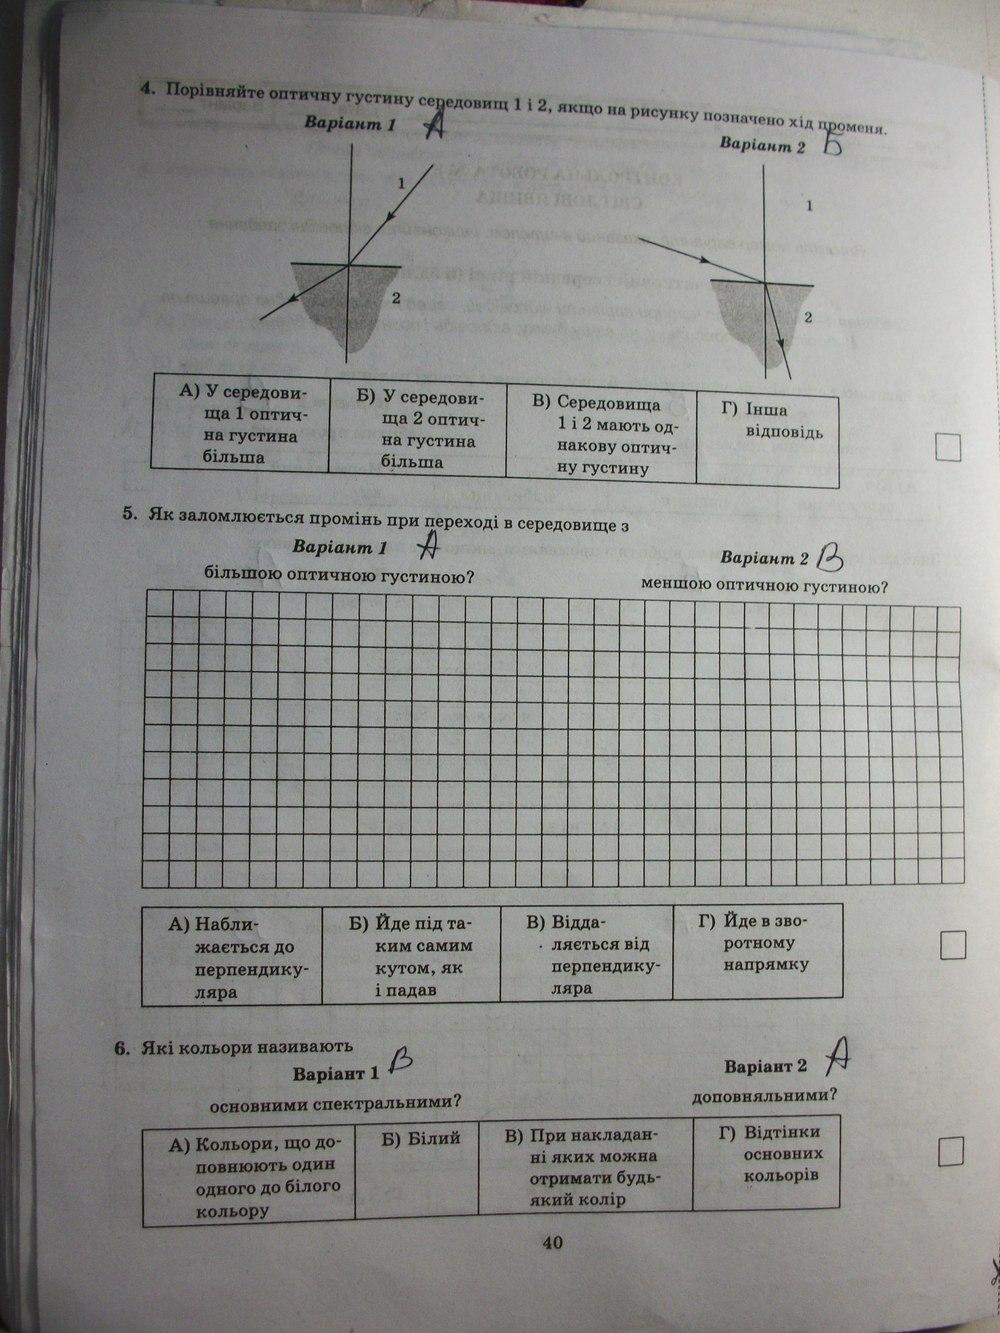 ГДЗ по физике 7 класс Чертіщева М. О.. Задание: стр. 40